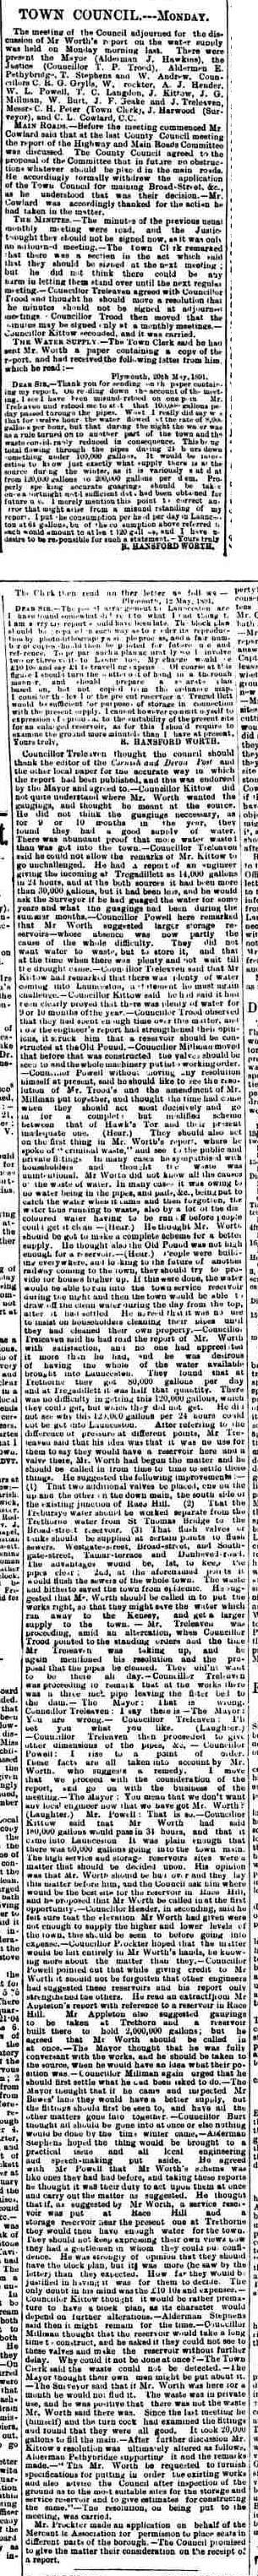 29 May 1891